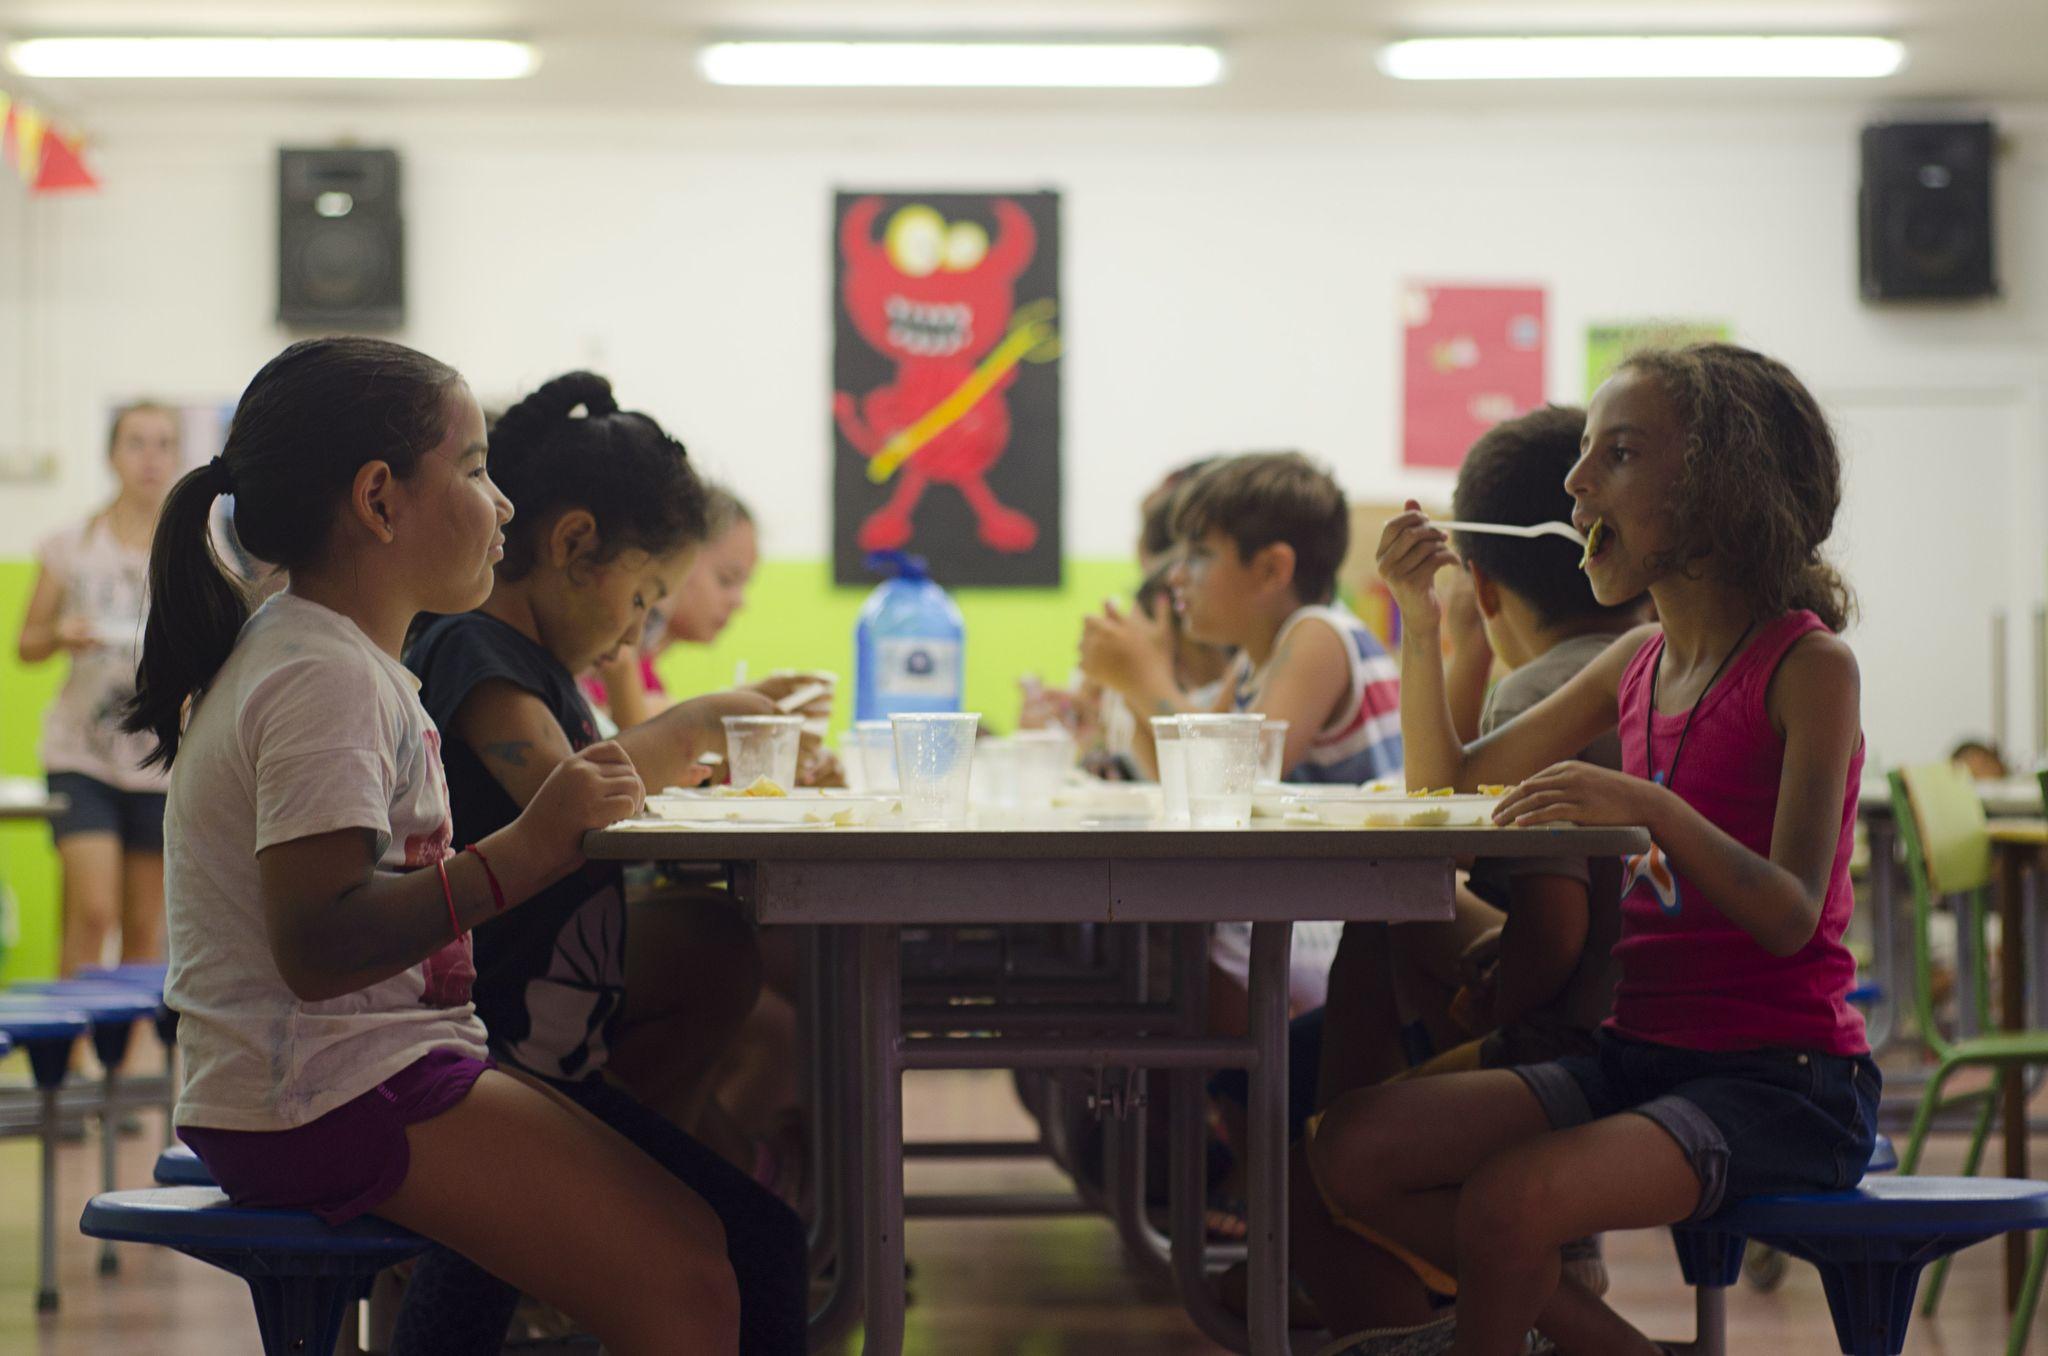 Becas comedor m s all del colegio catalu a home el mundo - Becas comedor 2017 ...